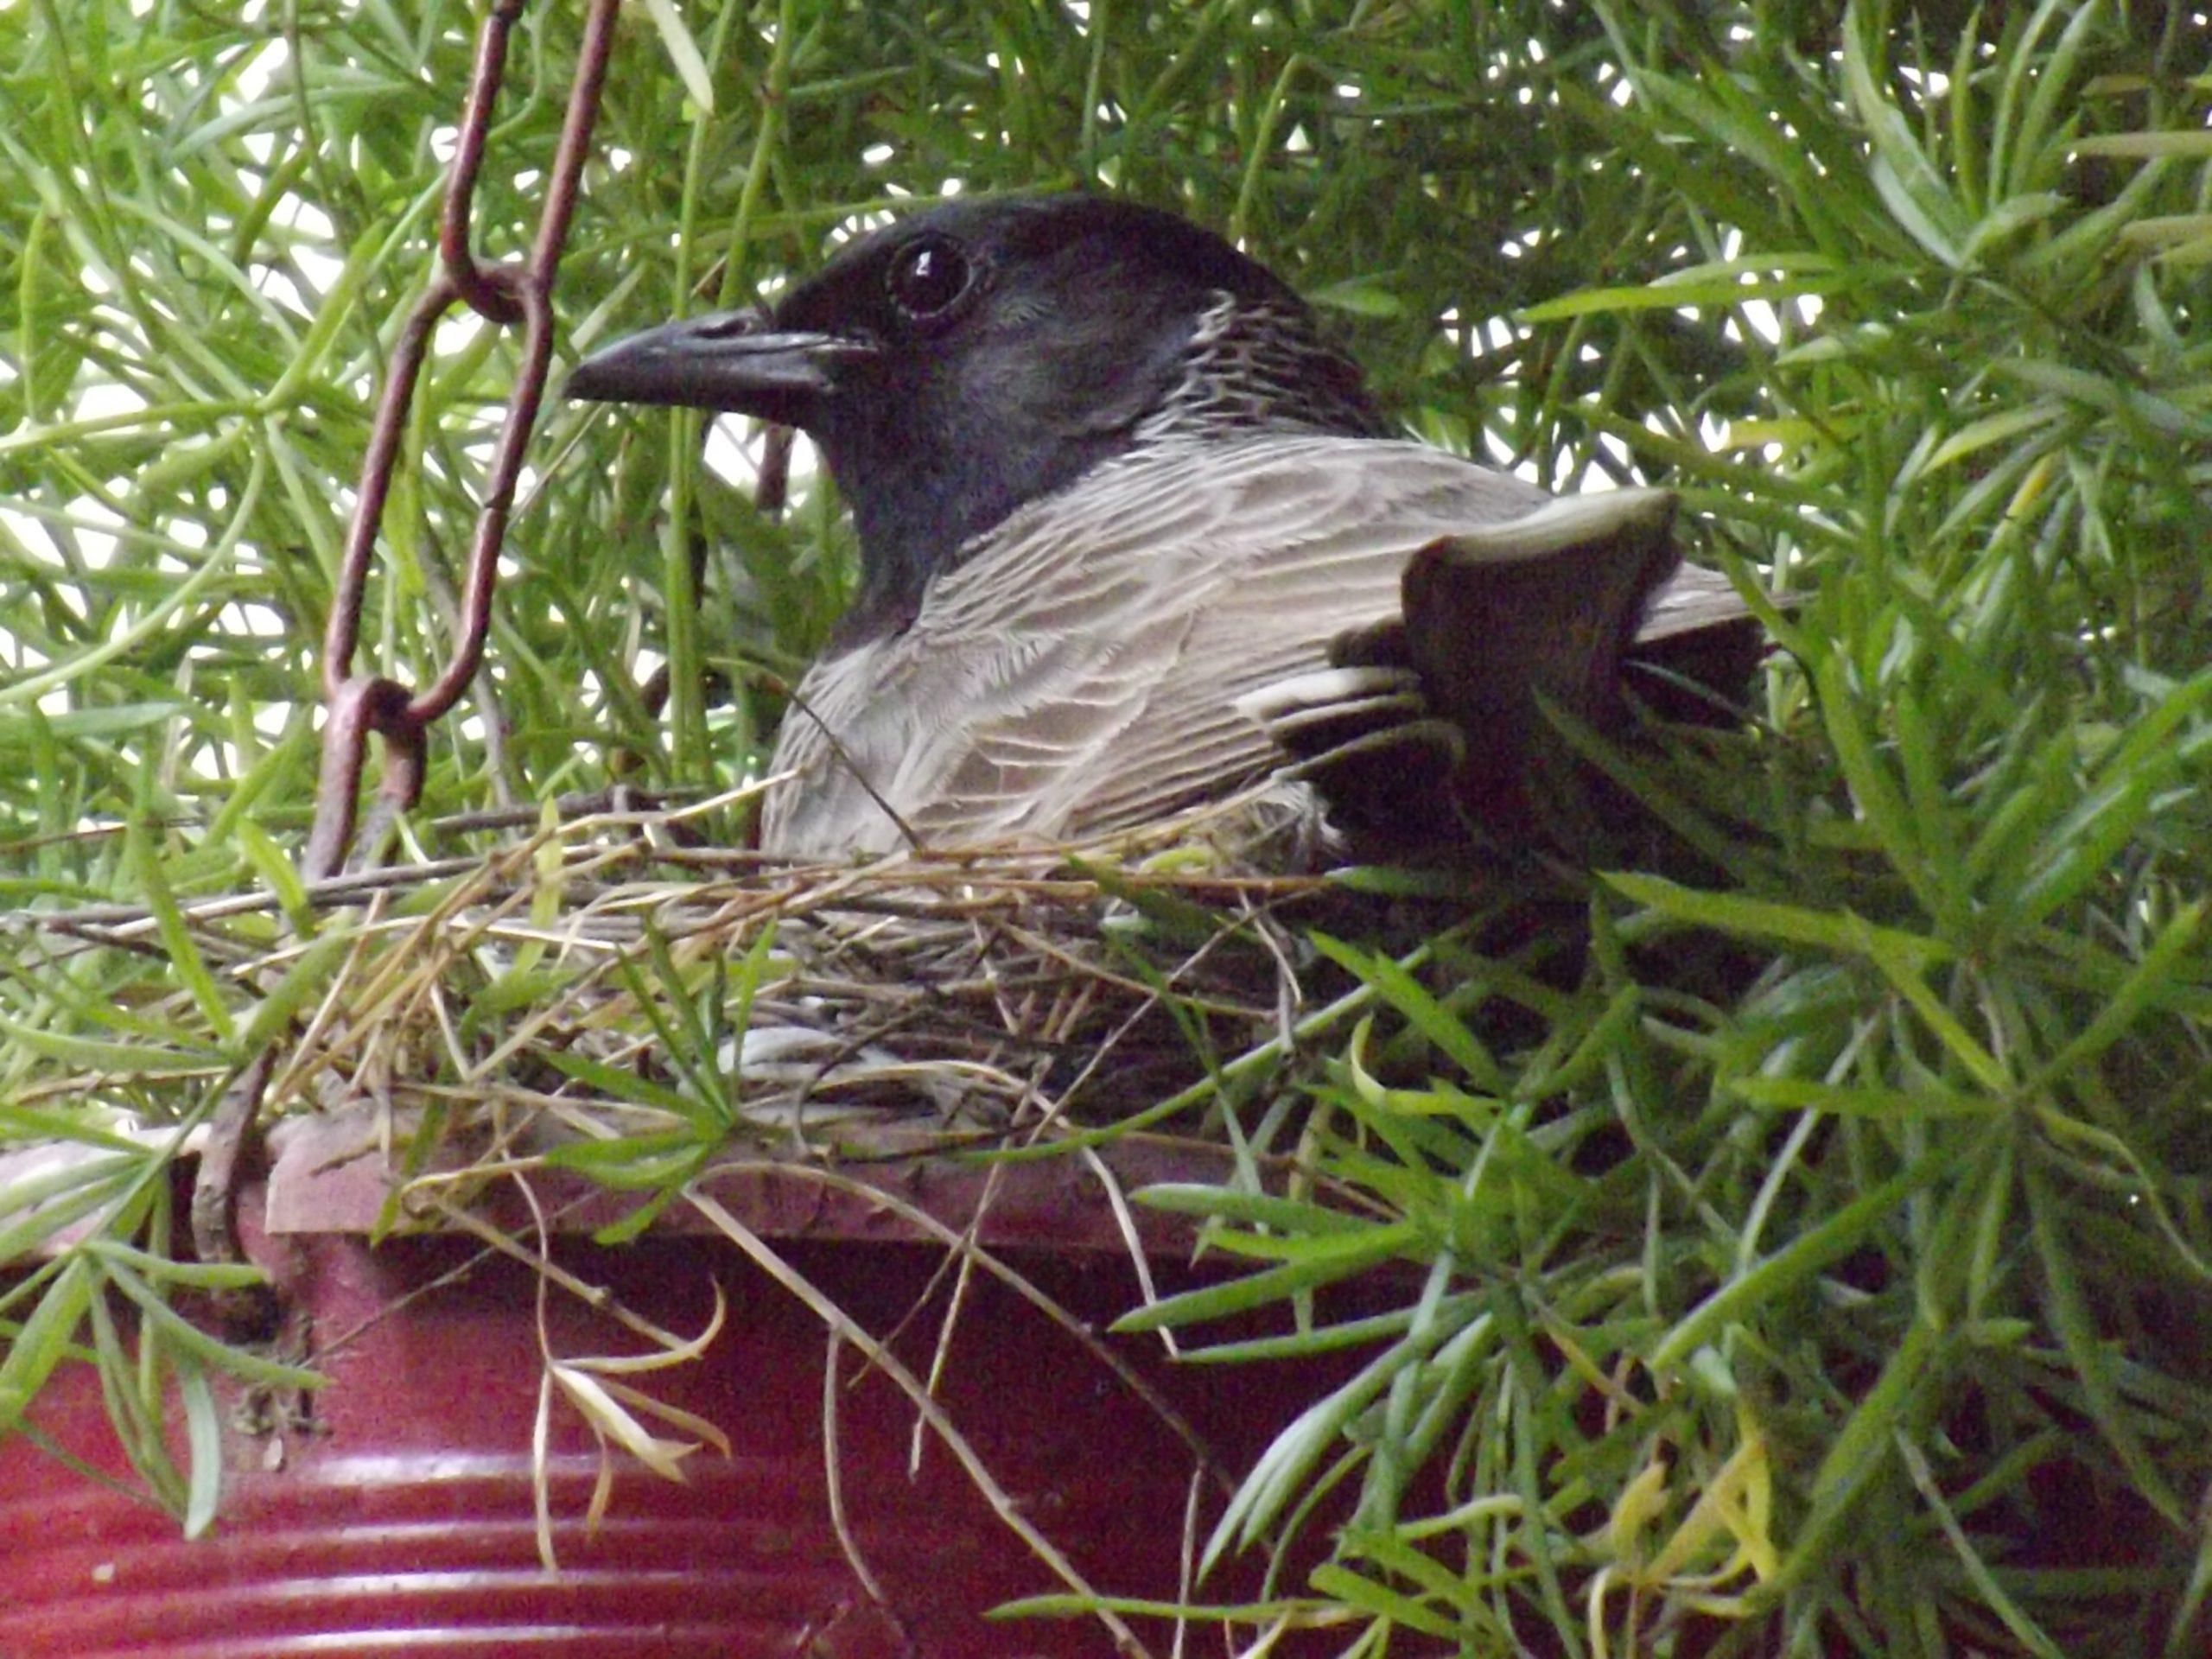 A bird in nest